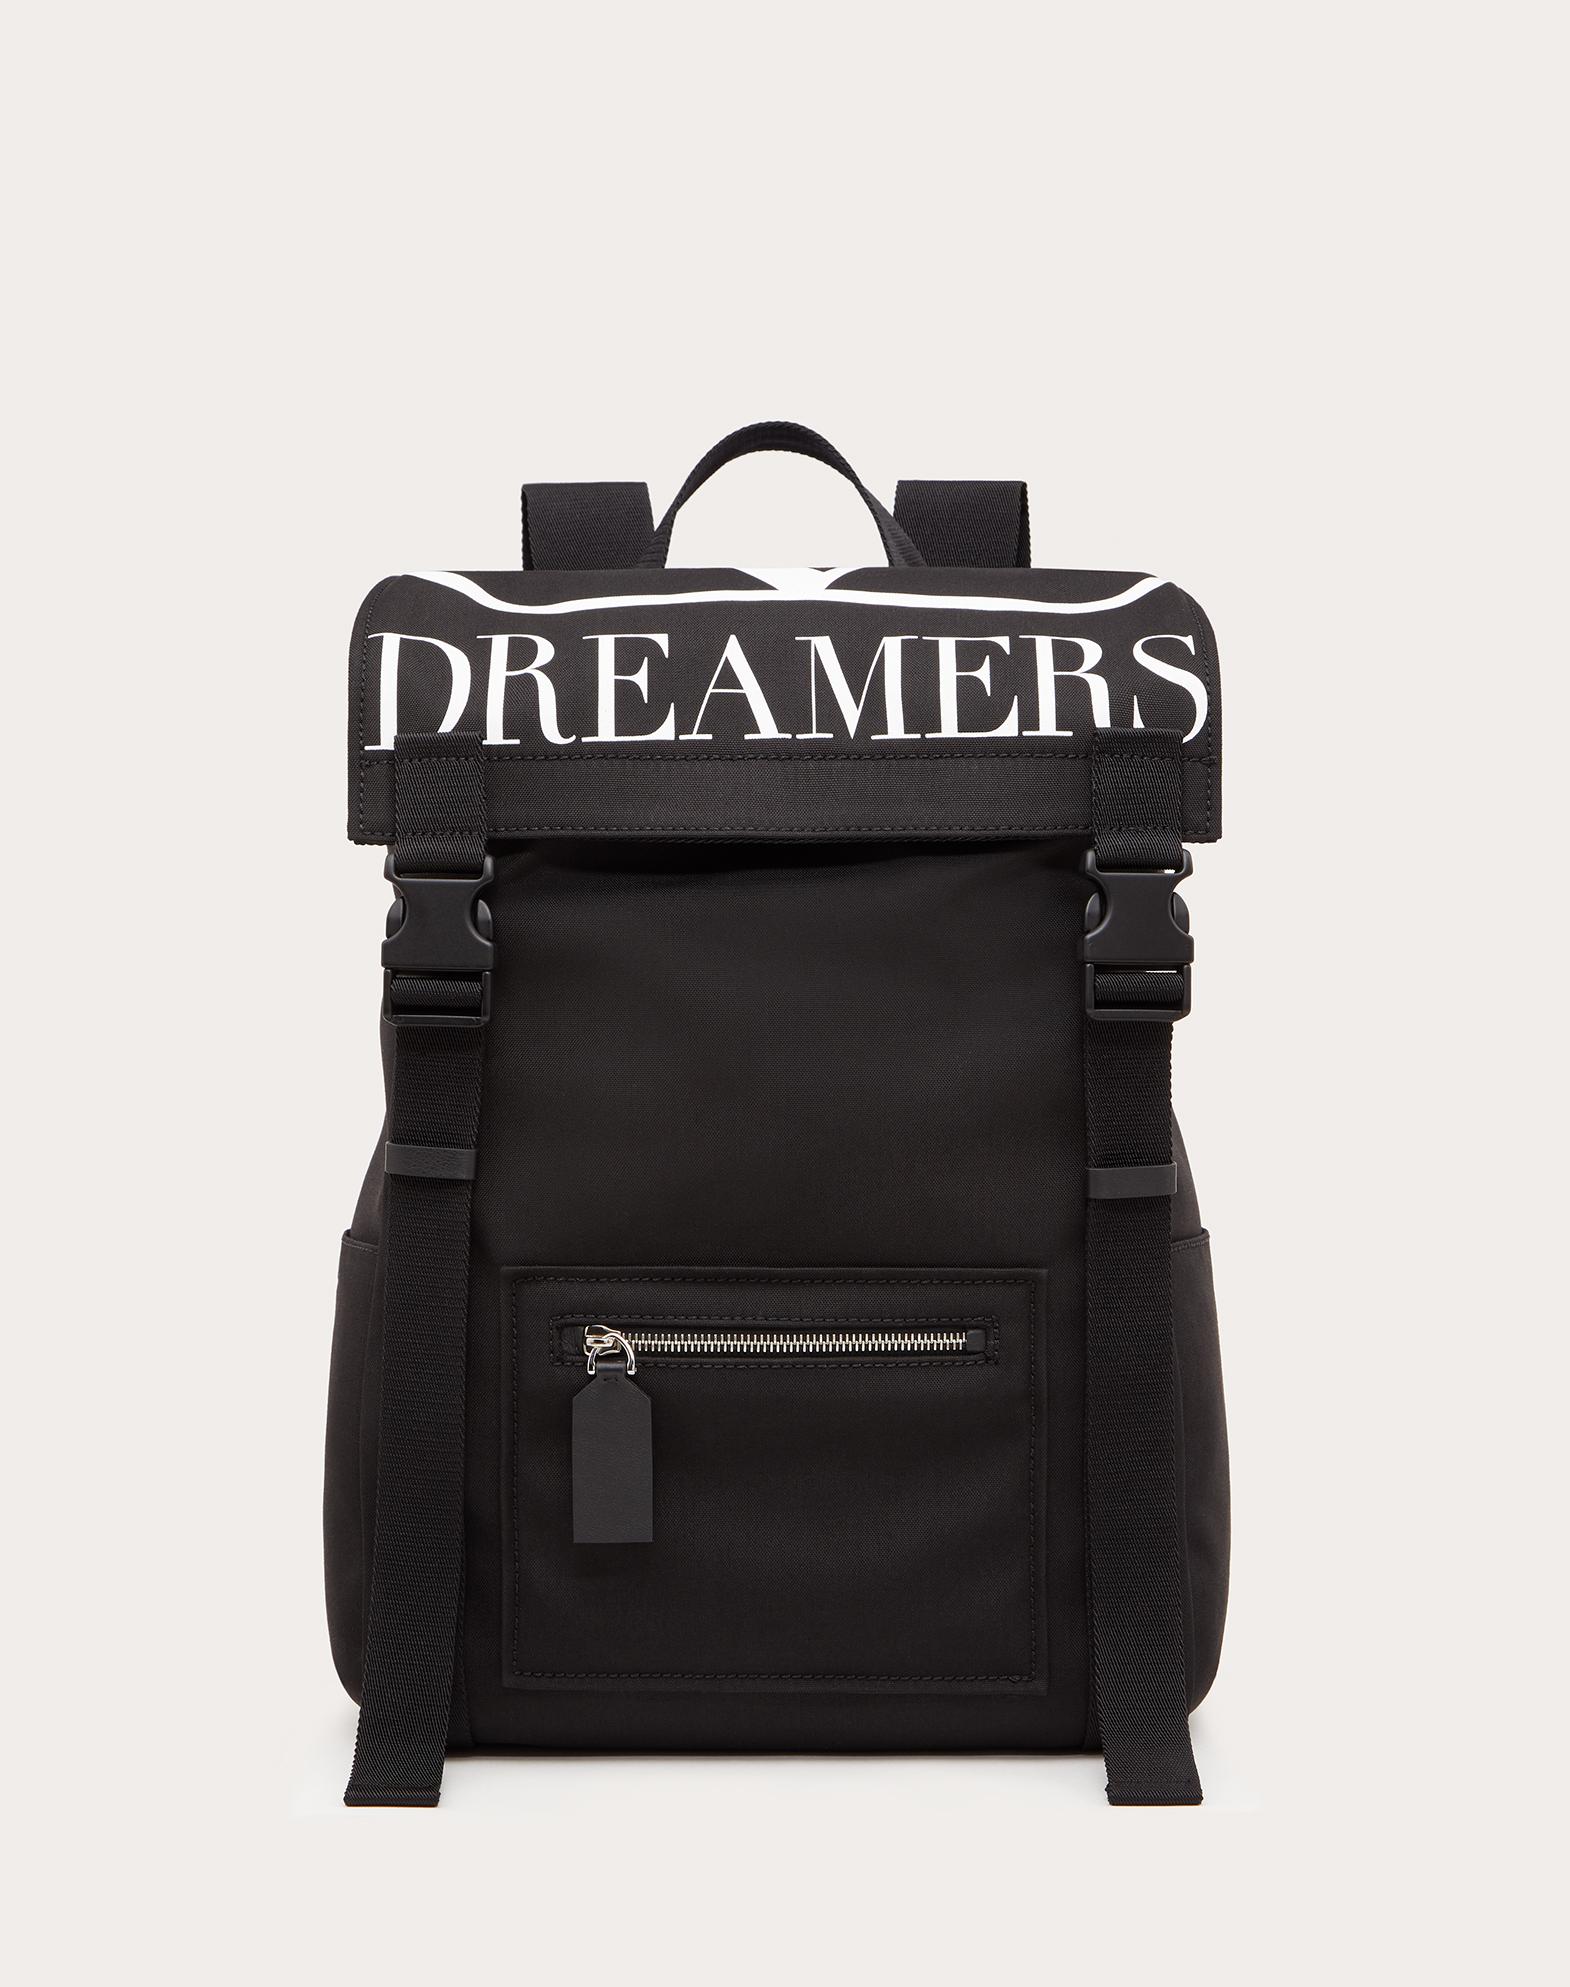 VLOGO Dreamers Nylon Backpack